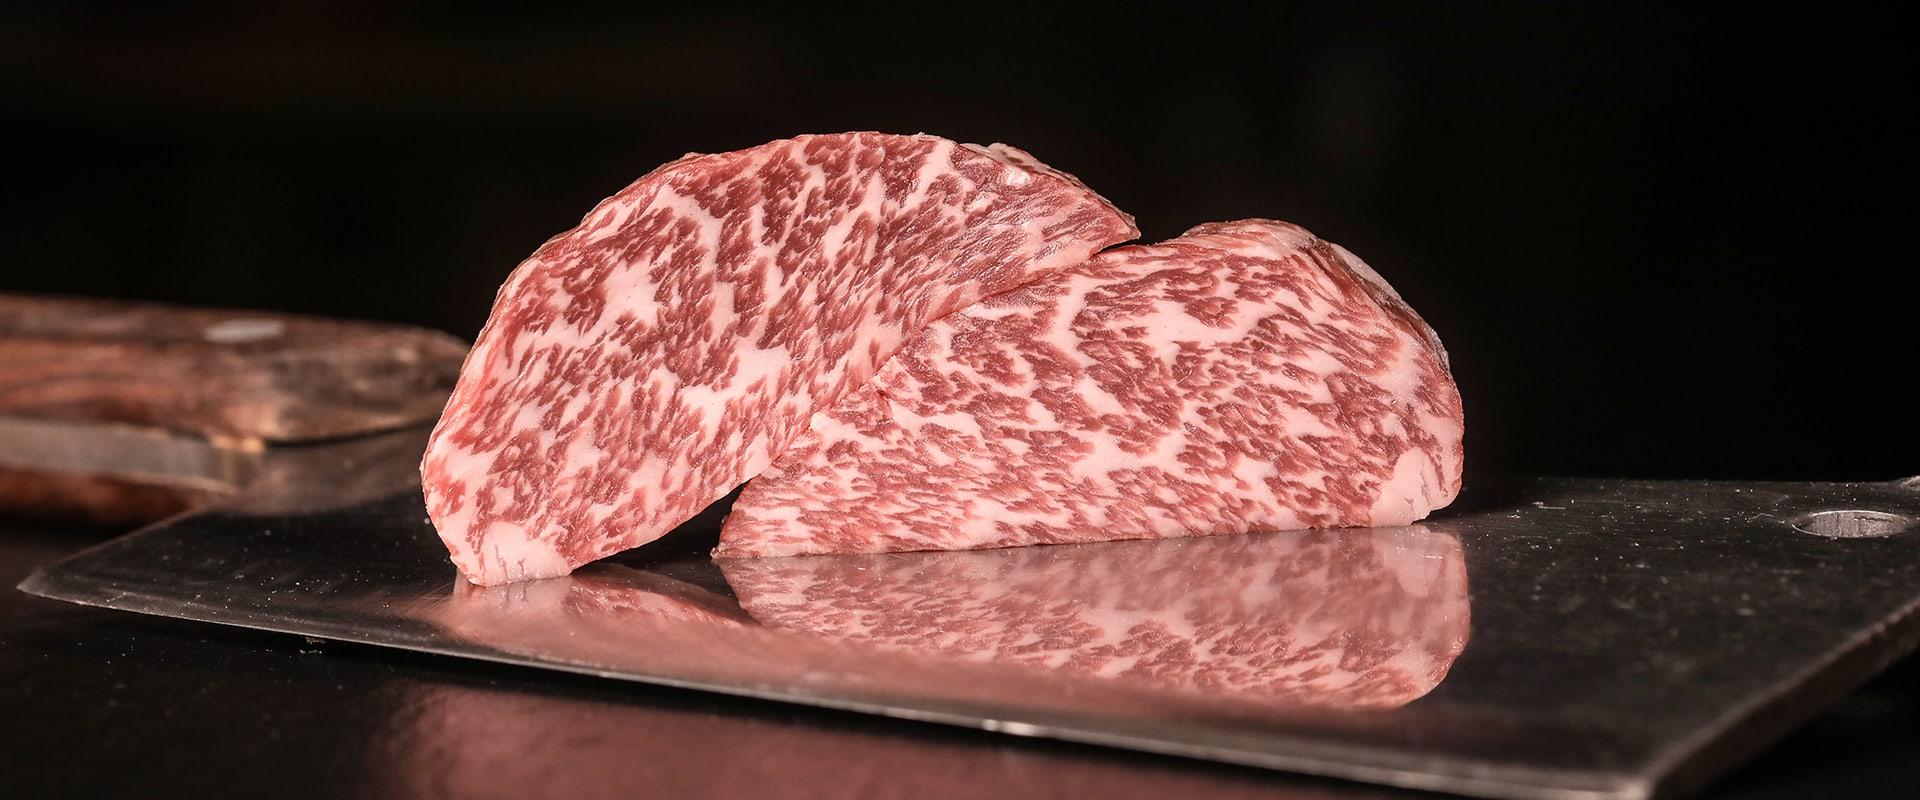 Kobe-Beef: Was steckt wirklich hinter dem Hype?